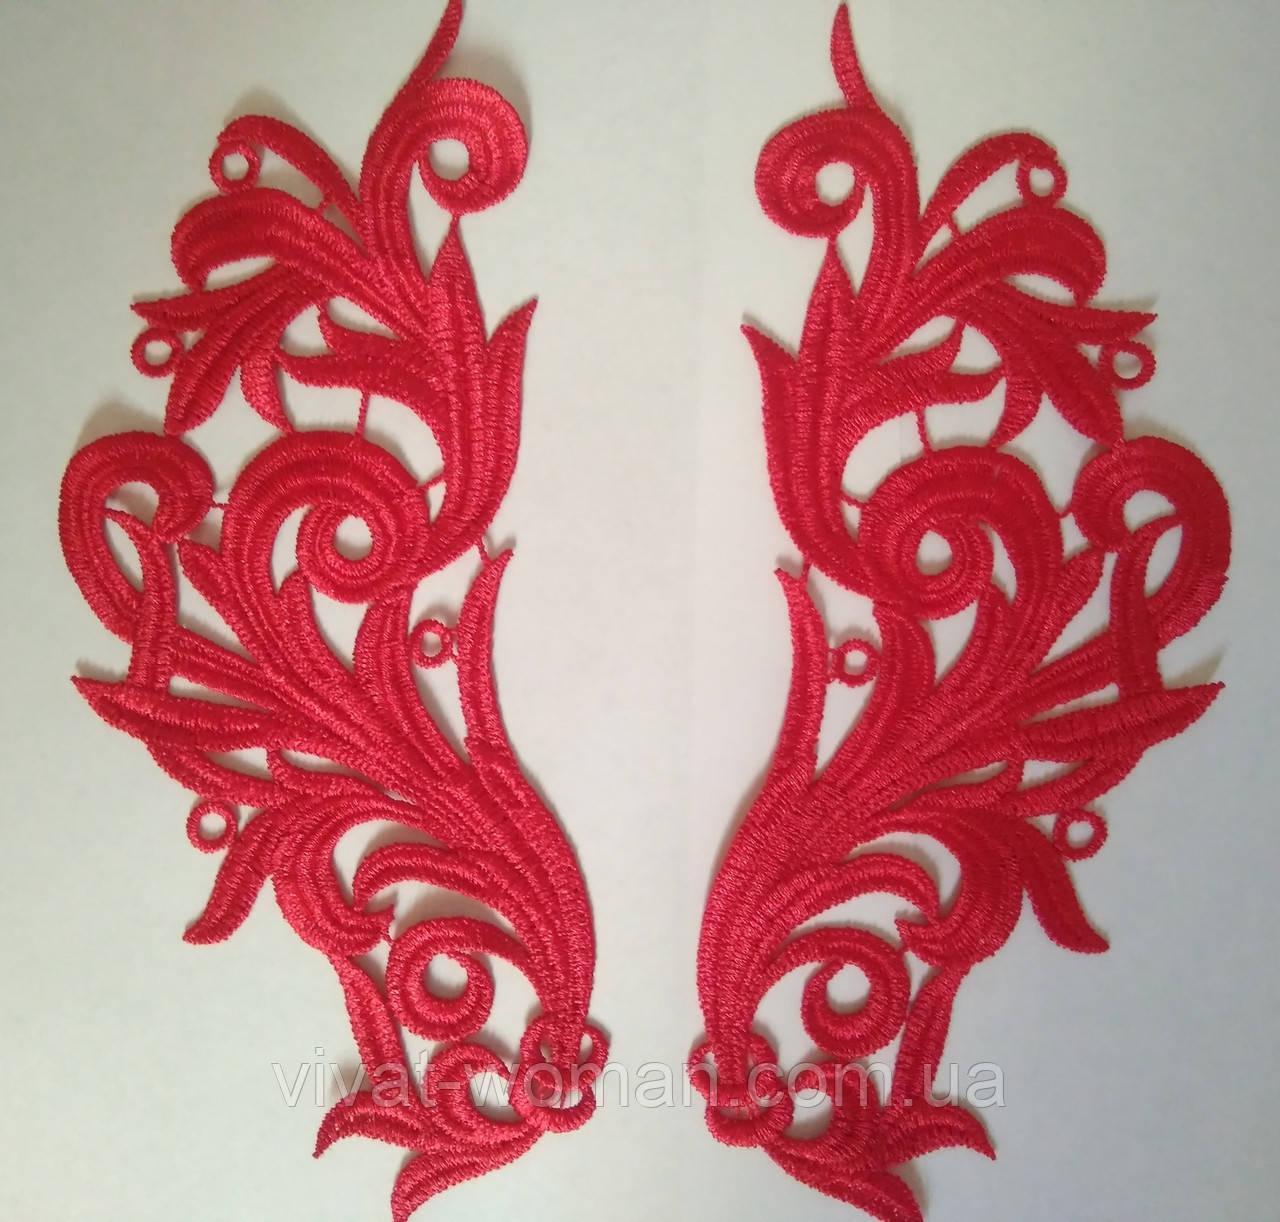 Кружевной фрагмент (лейс) Глория красный, 22х9 см. Цена за пару